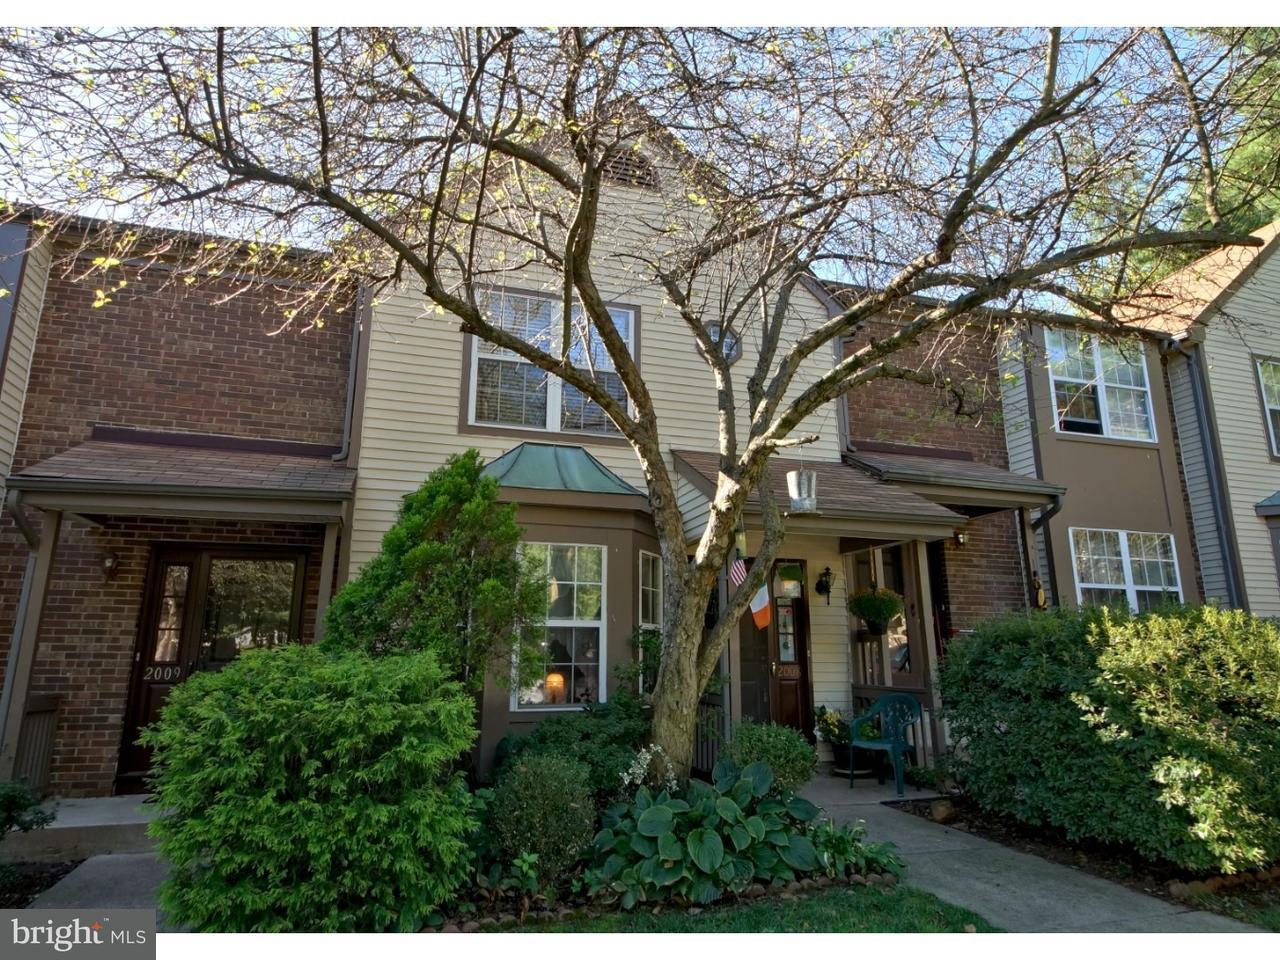 Σπίτι στην πόλη για την Πώληση στο 2008 SANDLEWOOD Court Monmouth Junction, Νιου Τζερσεϋ 08852 Ηνωμενεσ ΠολιτειεσΣτην/Γύρω: South Brunswick Township